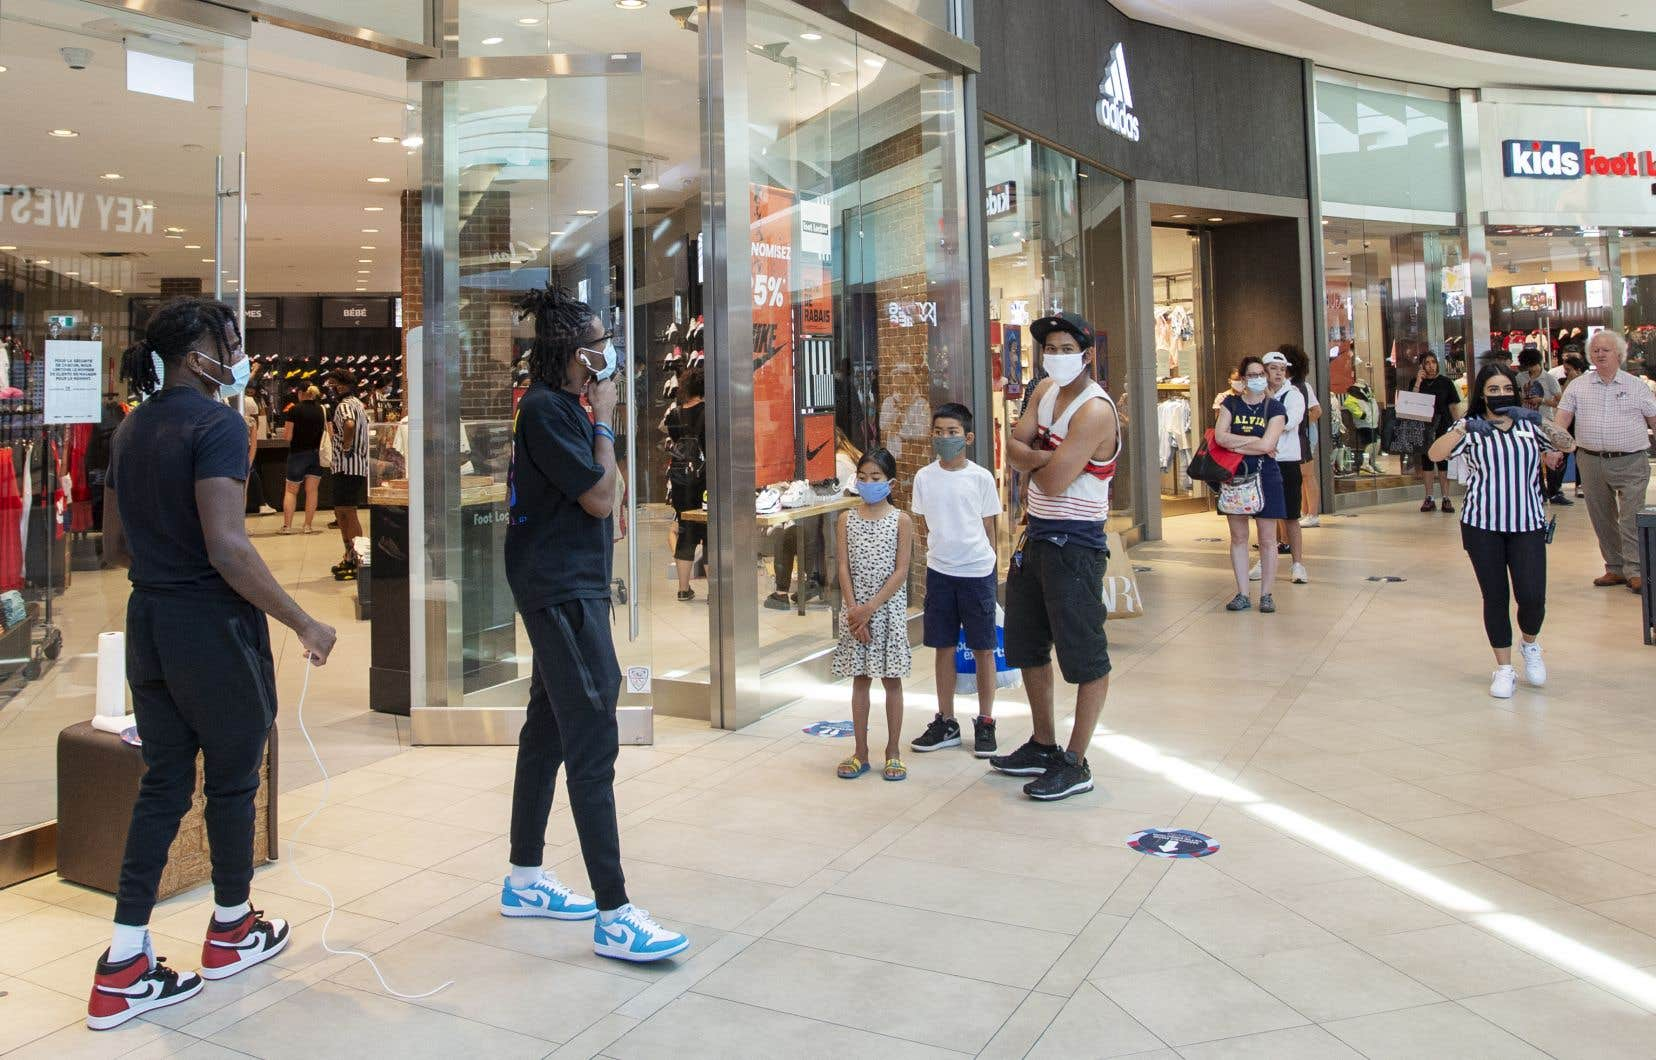 Les ventes au détail ont augmenté à 41,8milliards en mai après avoir connu de fortes baisses au cours des deux mois précédents, a préciséStatistique Canada.